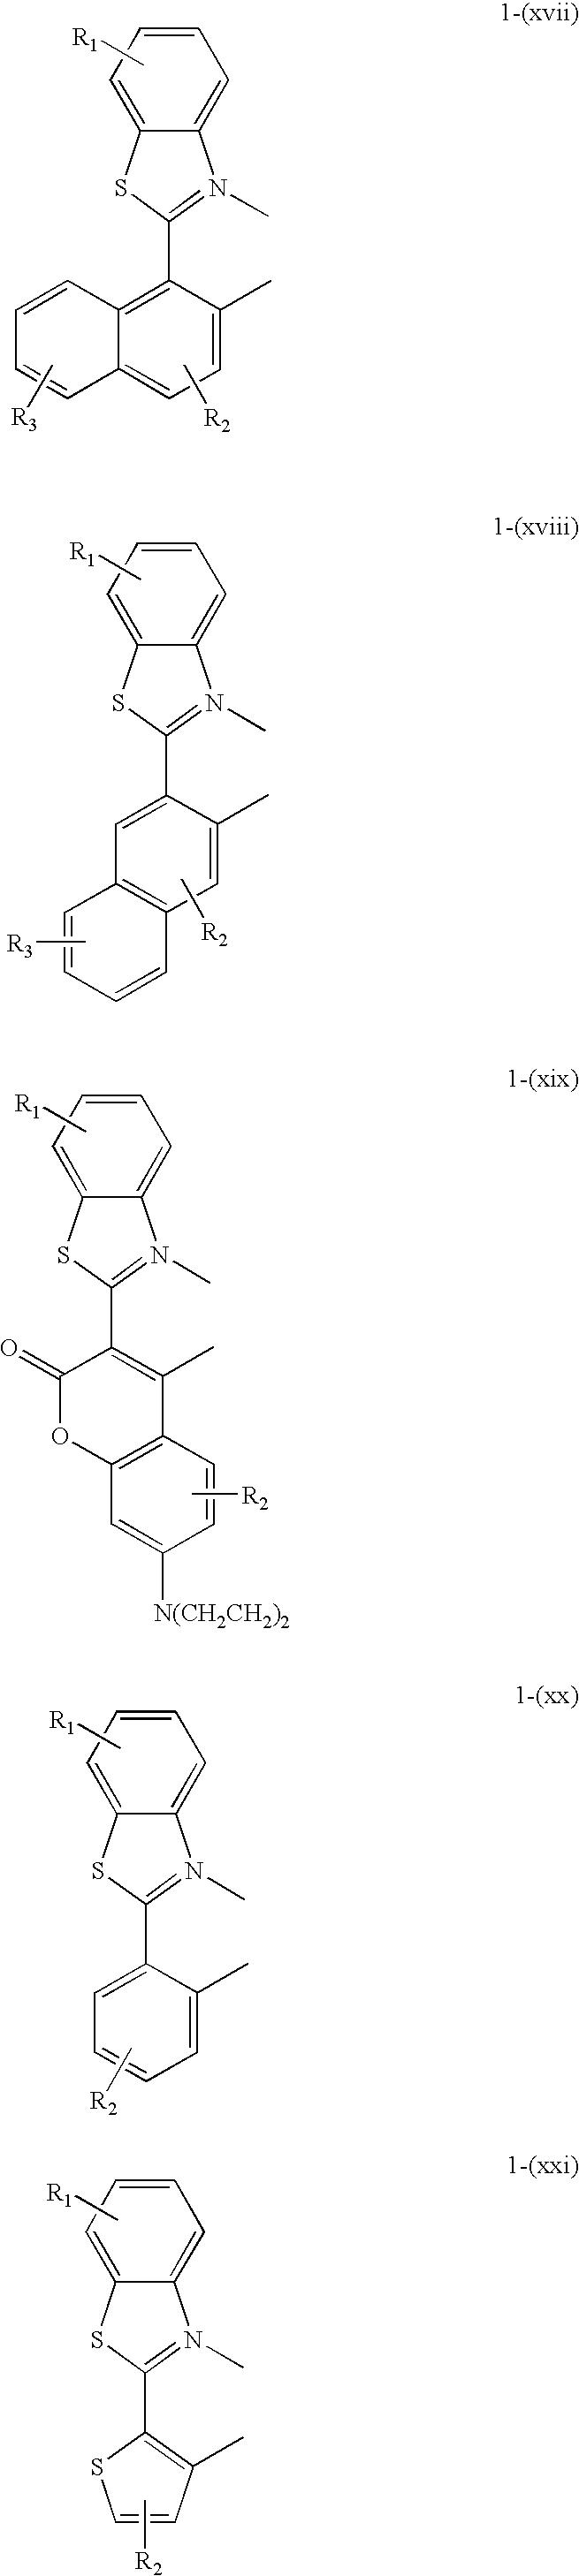 Figure US20060177695A1-20060810-C00035